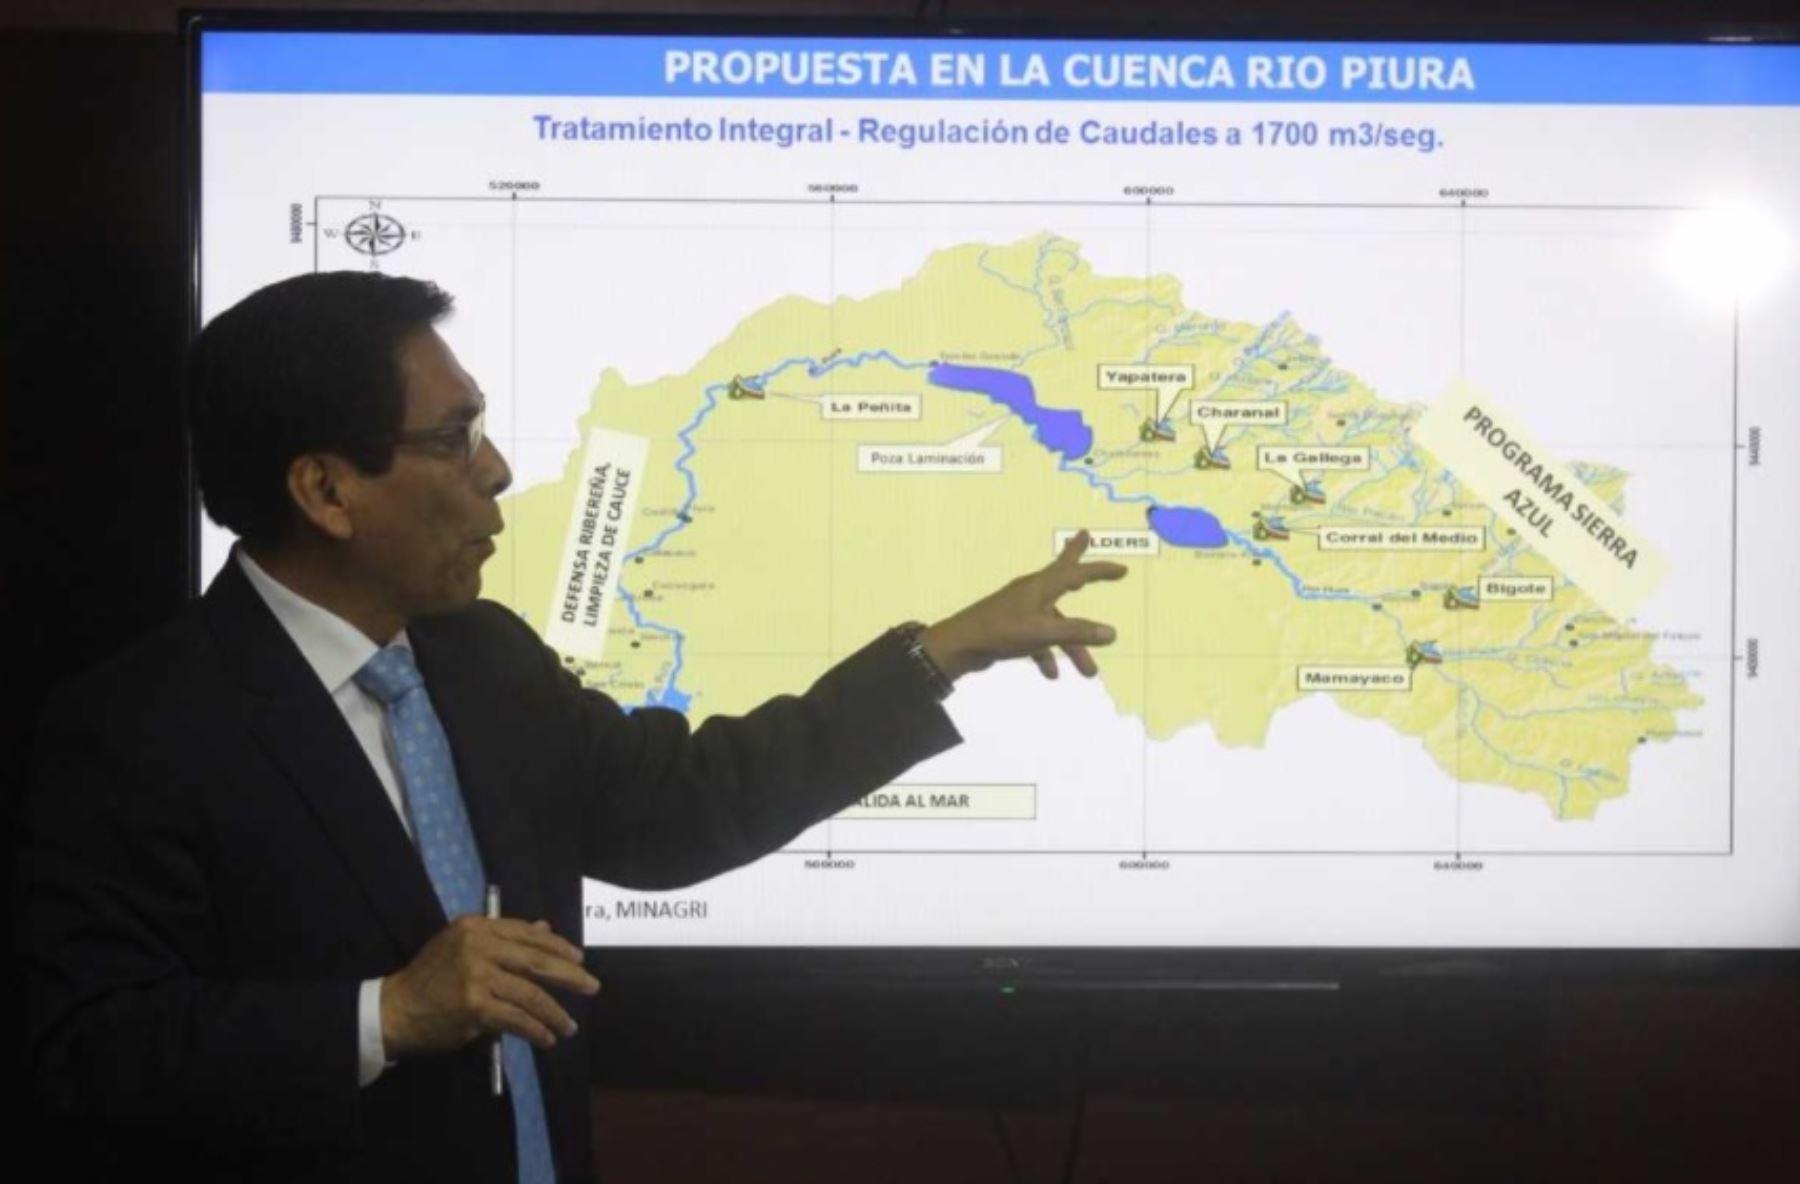 El Ministerio de Agricultura y Riego (Minagri) cuenta con un planteamiento integral para la cuenca del río Piura, que comprende una serie de obras de infraestructura hidráulica que evitarán futuros desbordes e inundaciones y con ello daños a la población y la economía regional, anunció el titular del sector, José Manuel Hernández